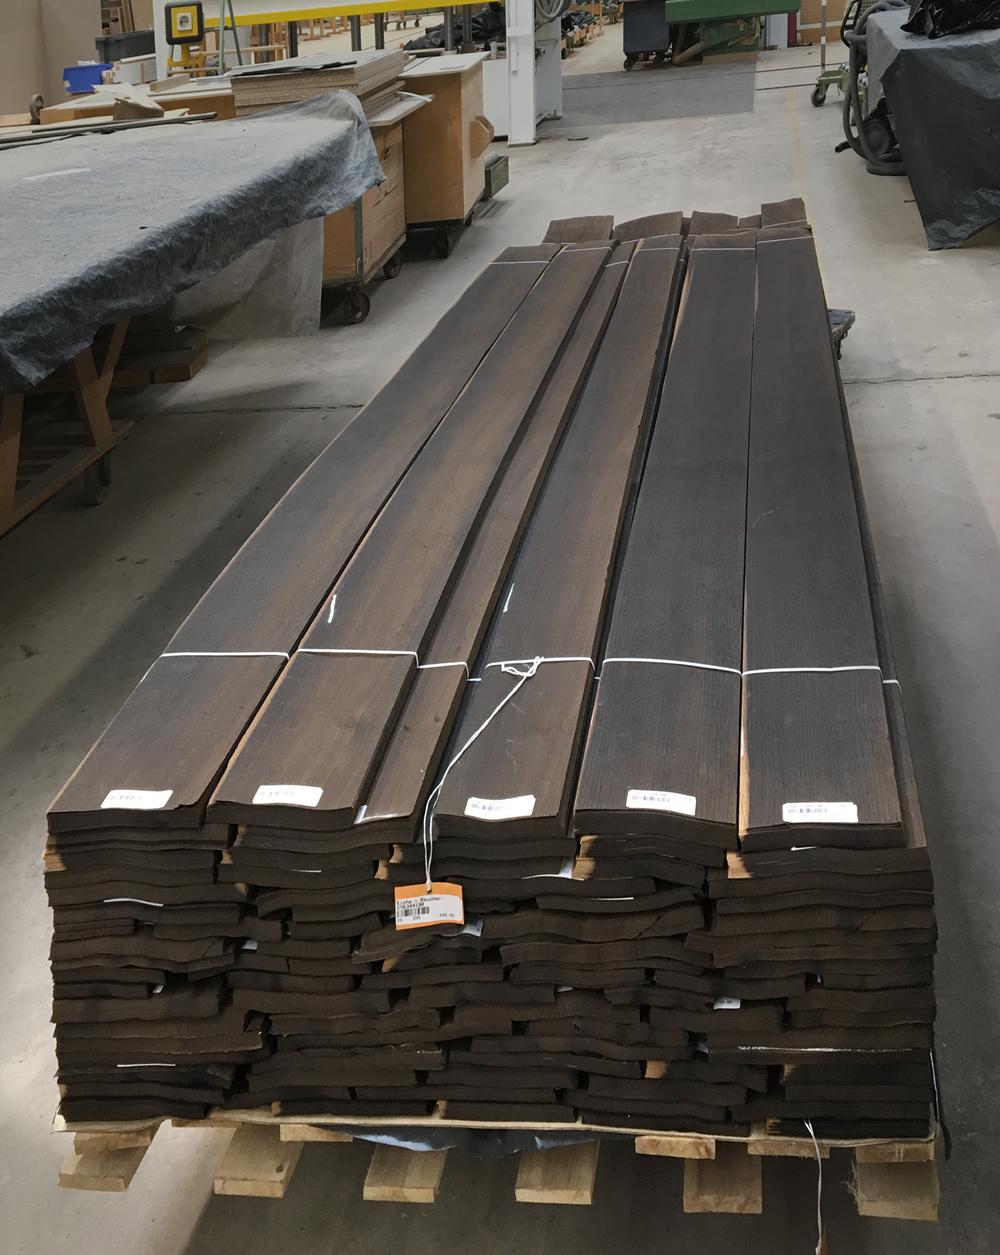 Die für diese Schreibtischoberflächen verwendete Räuchereiche stammt vom Holz der europäischen Eiche, das durch Dämpfen mit ammoniakhaltigen Substanzen eine dunklere Farbe erhält. (Bild: Wilhelm Renz GmbH + Co. KG)